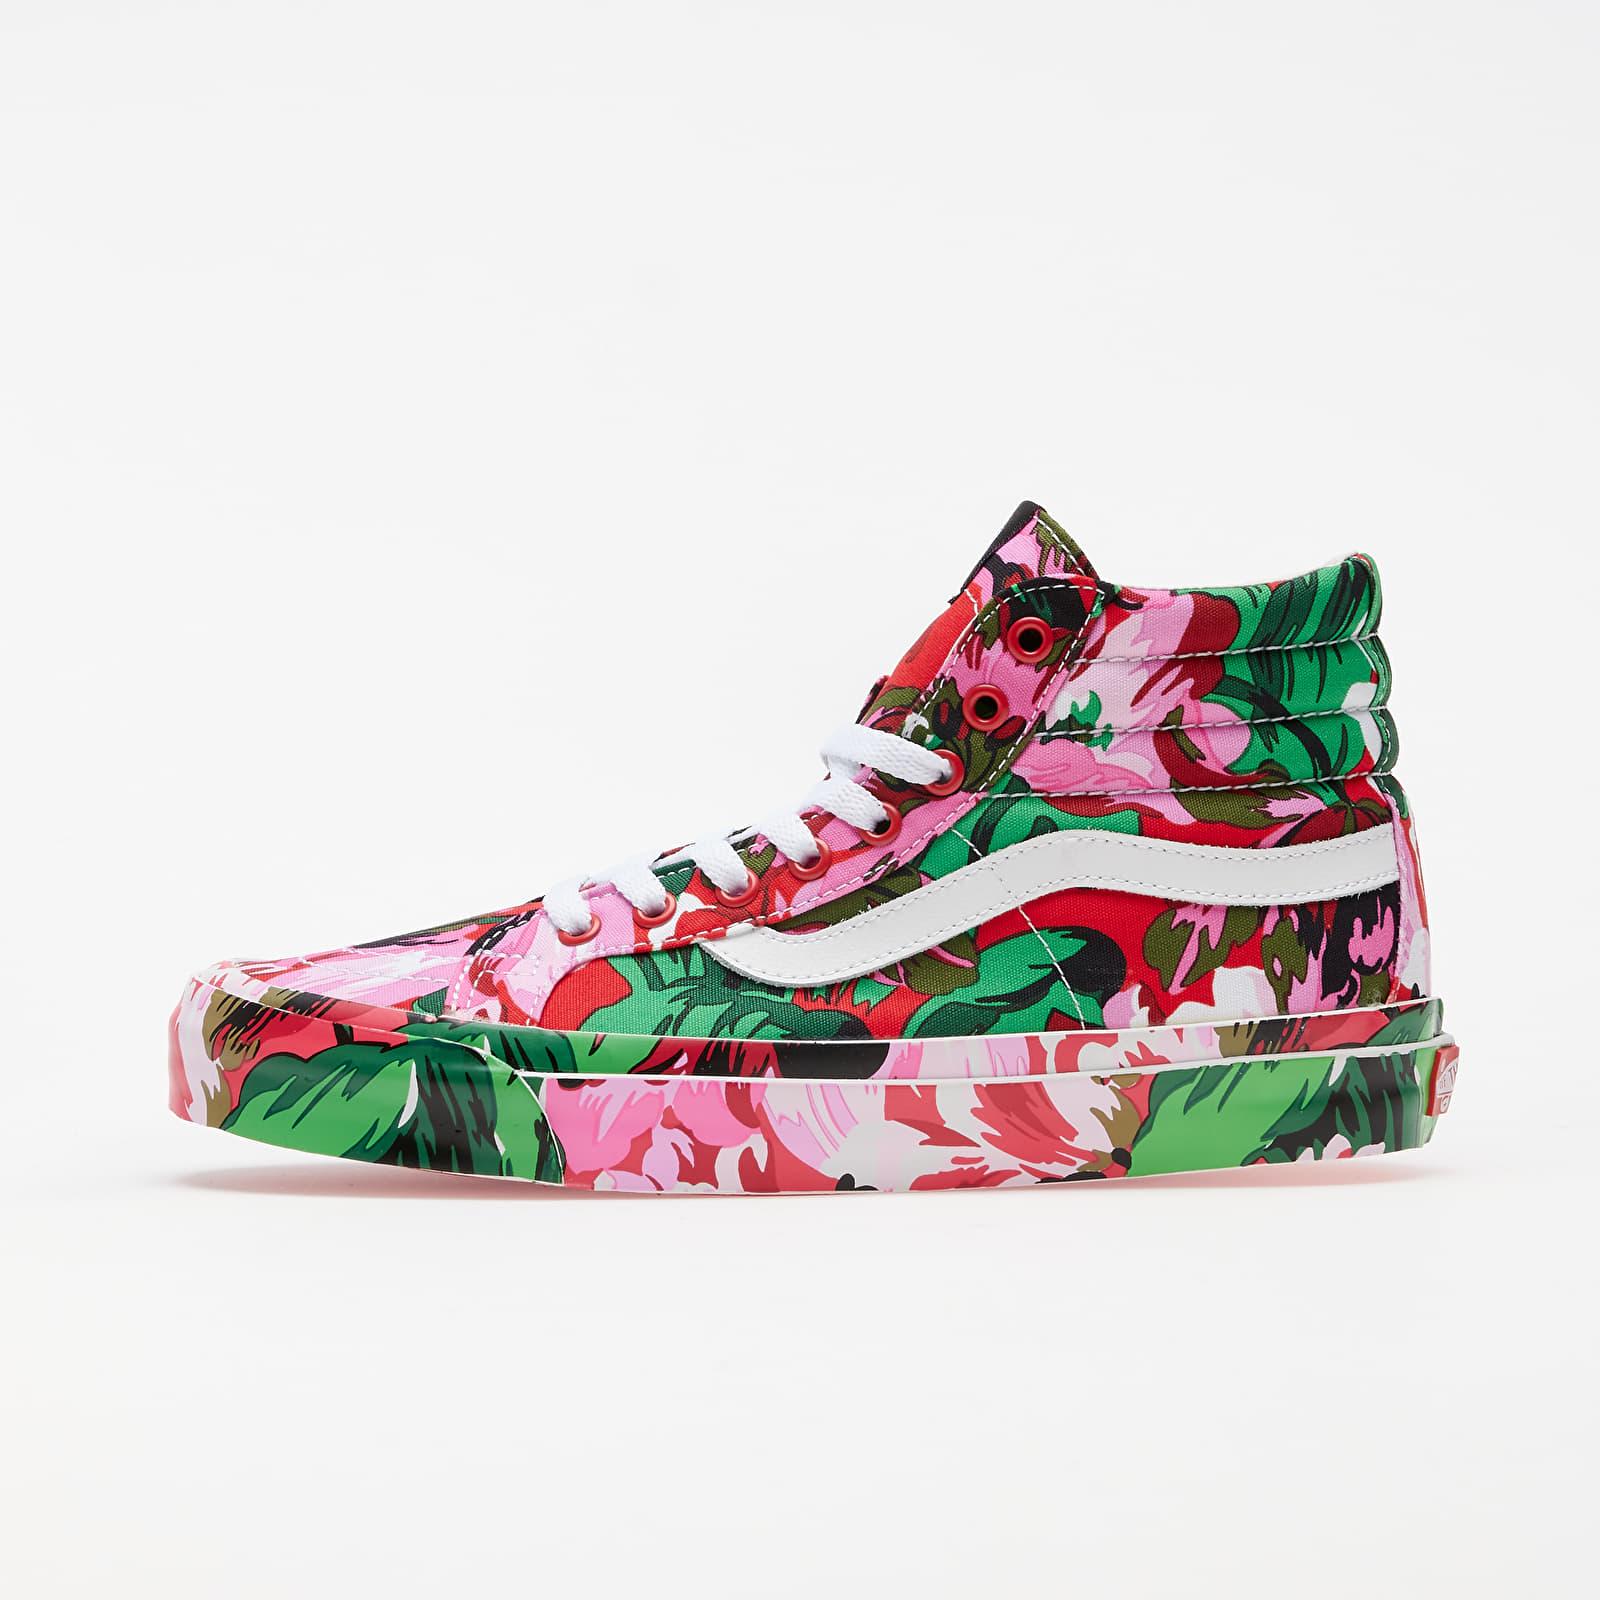 Pánske tenisky a topánky KENZO x Vans OG Sk8-Hi LX Floral Red/ True White